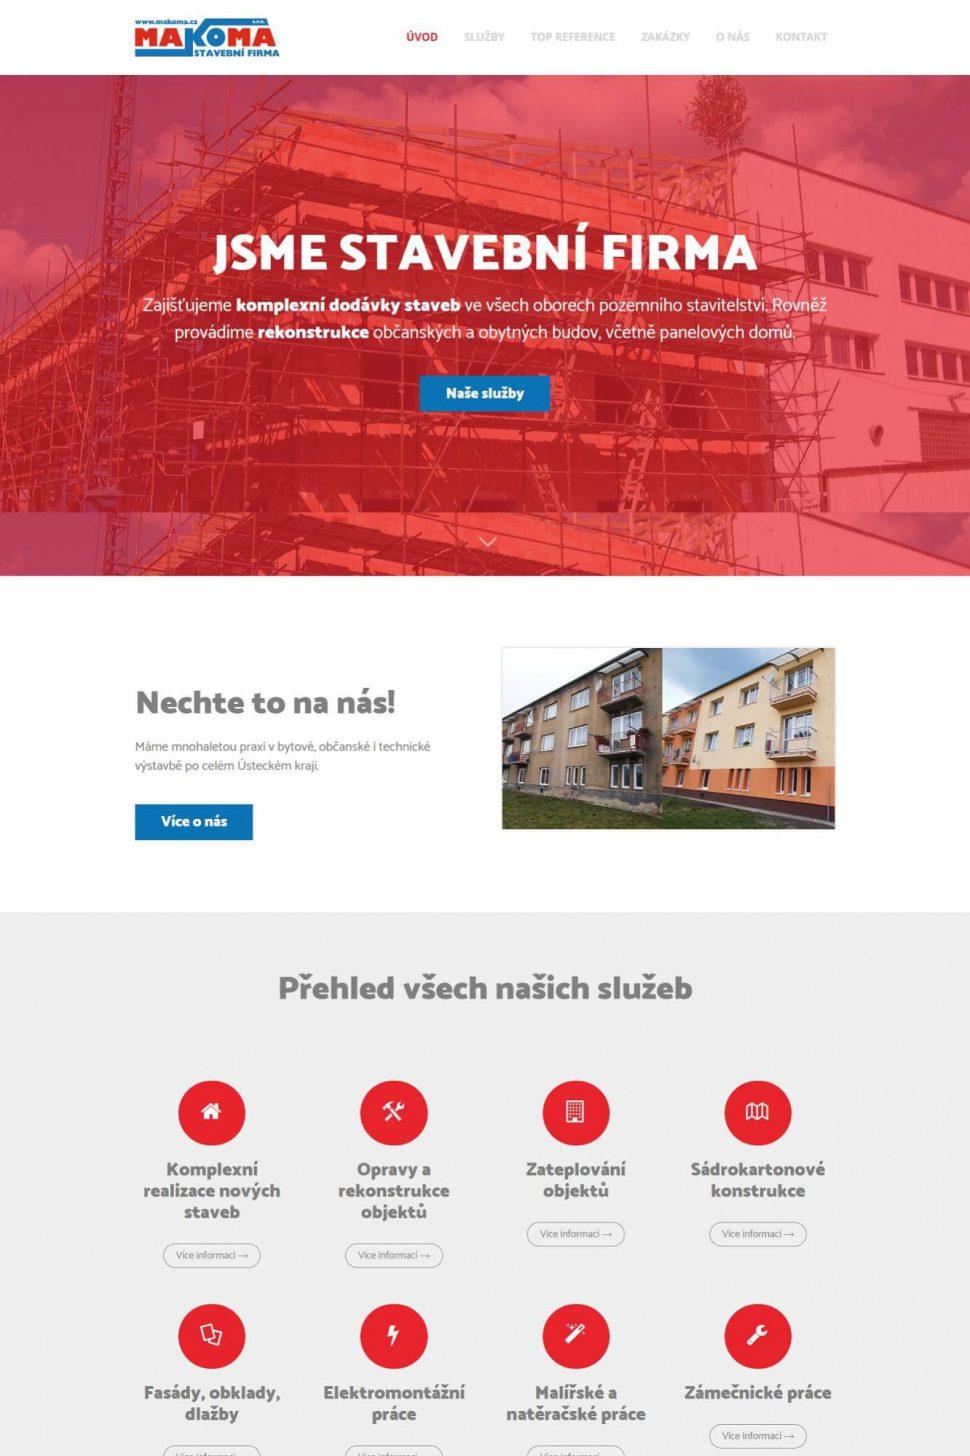 Stavební firma MAKOMA s.r.o. | Duchcov